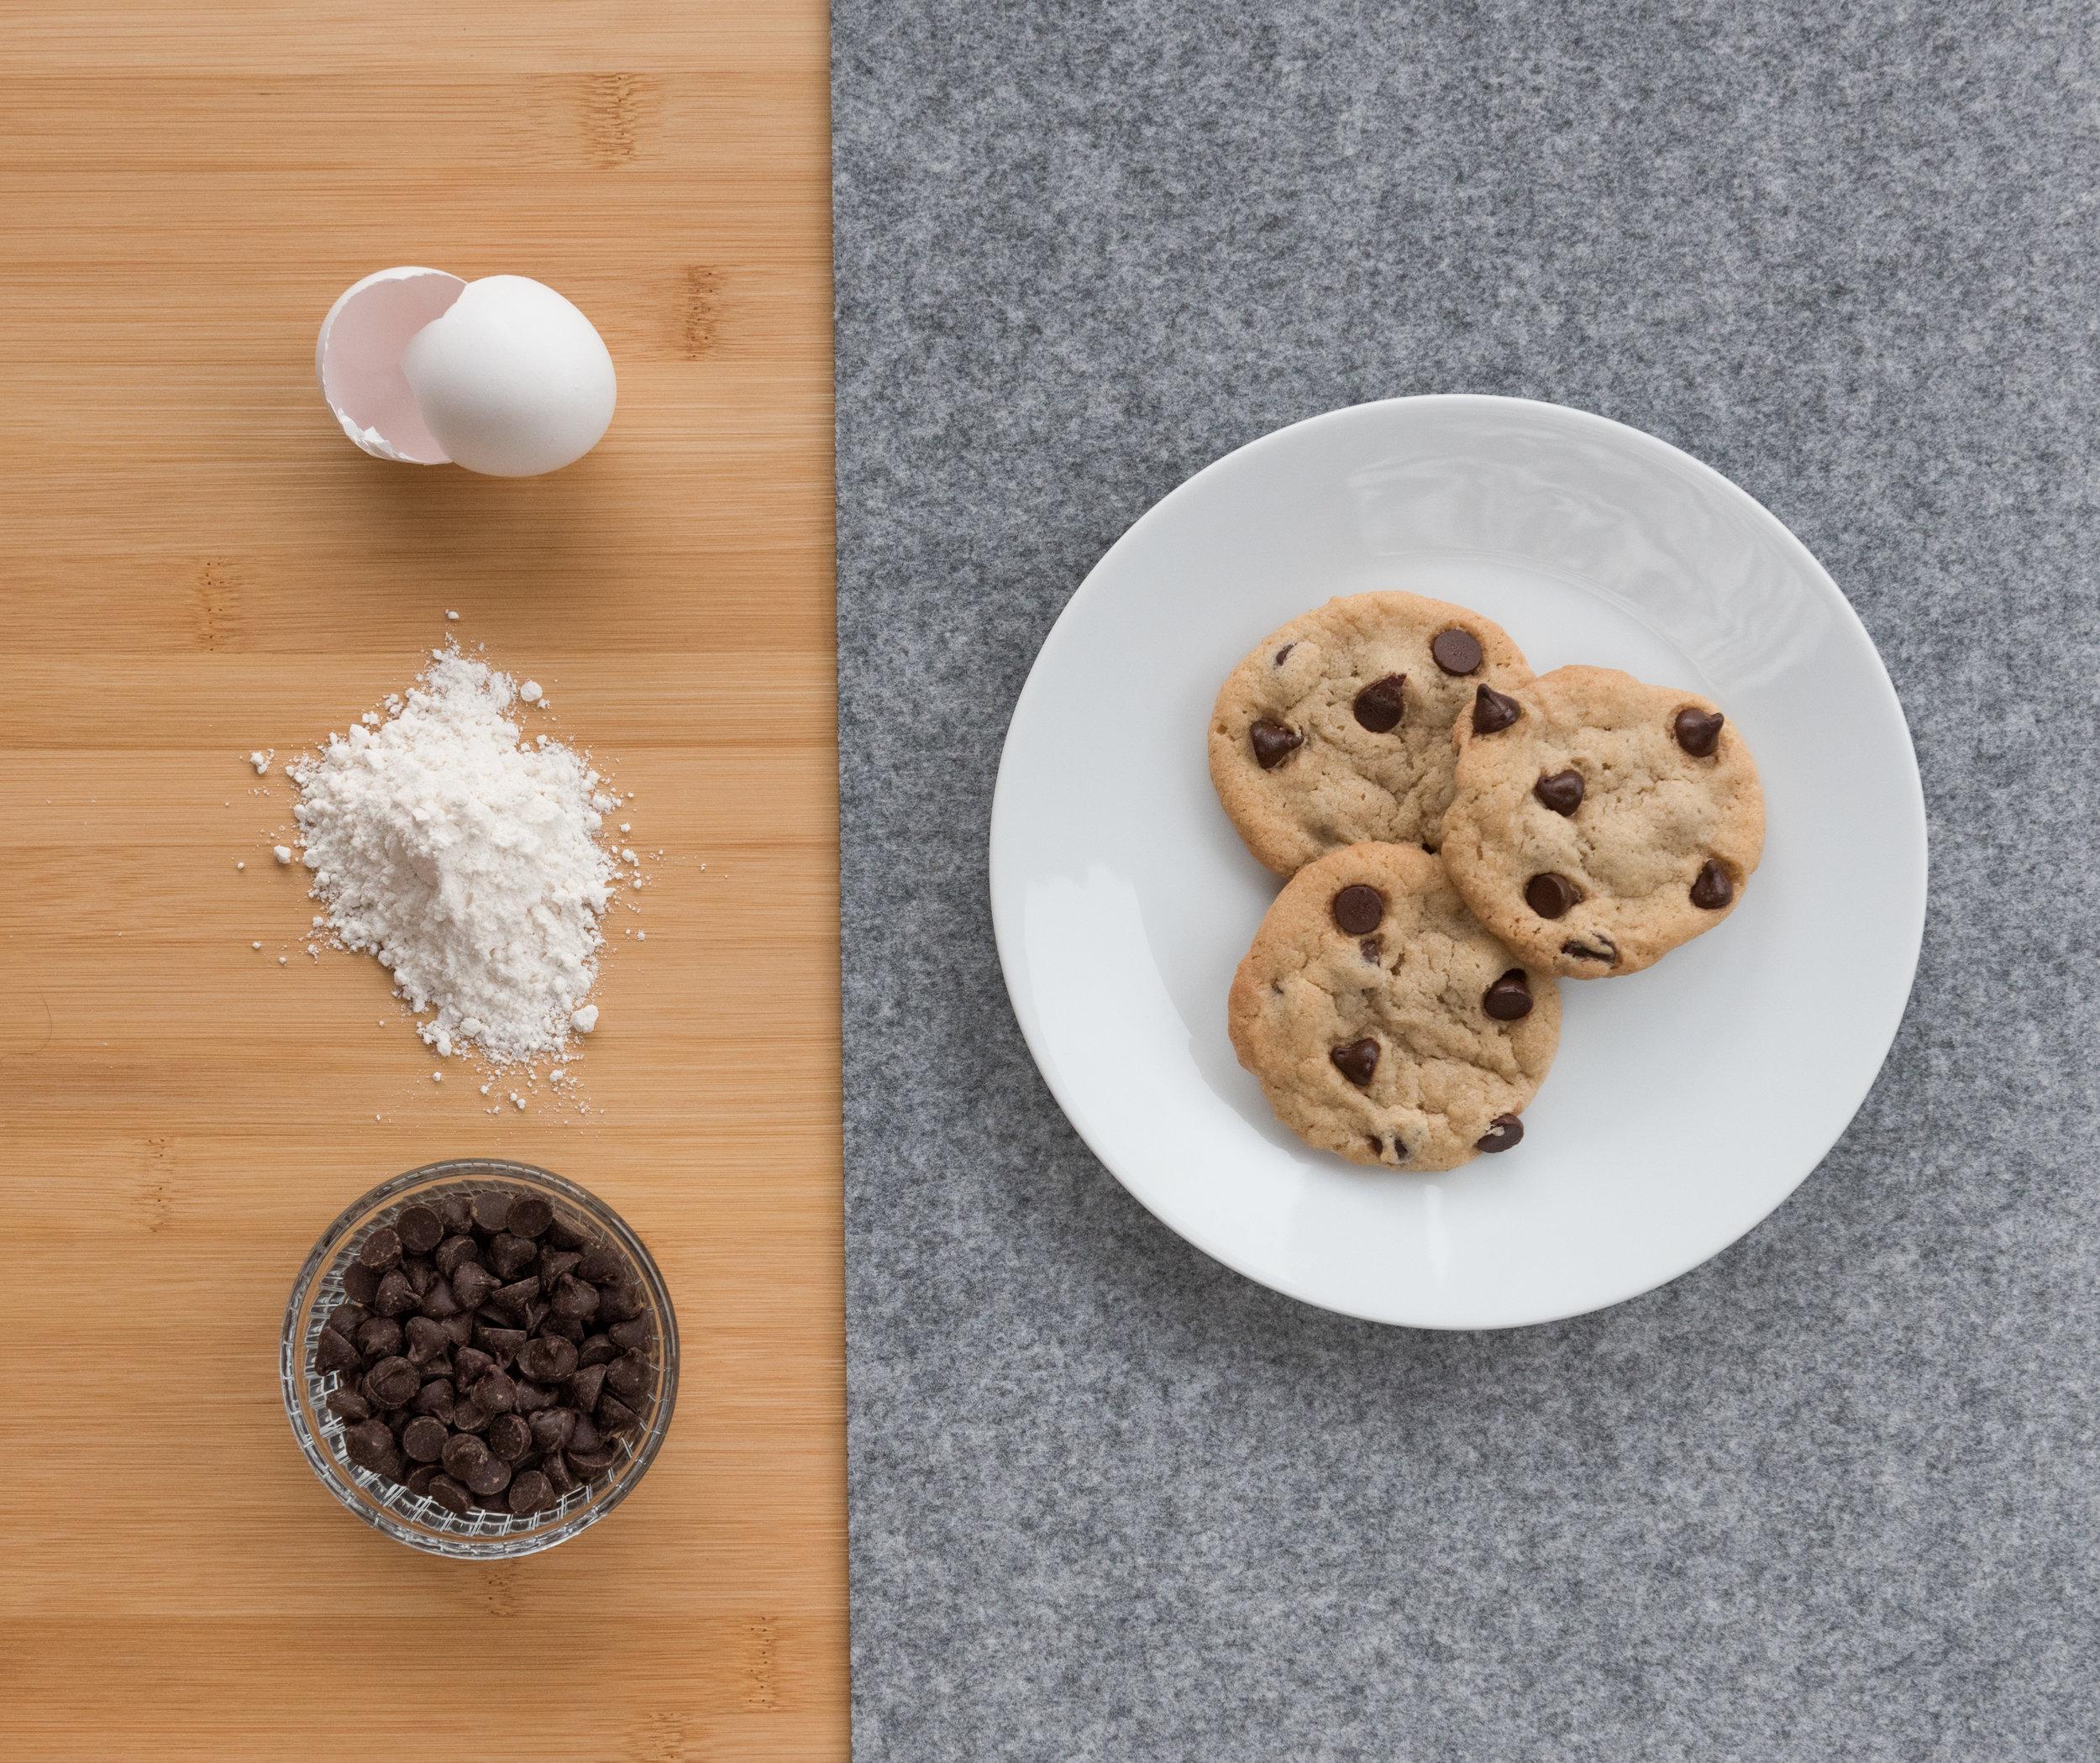 chocolatechipcookie (1 of 1).jpg